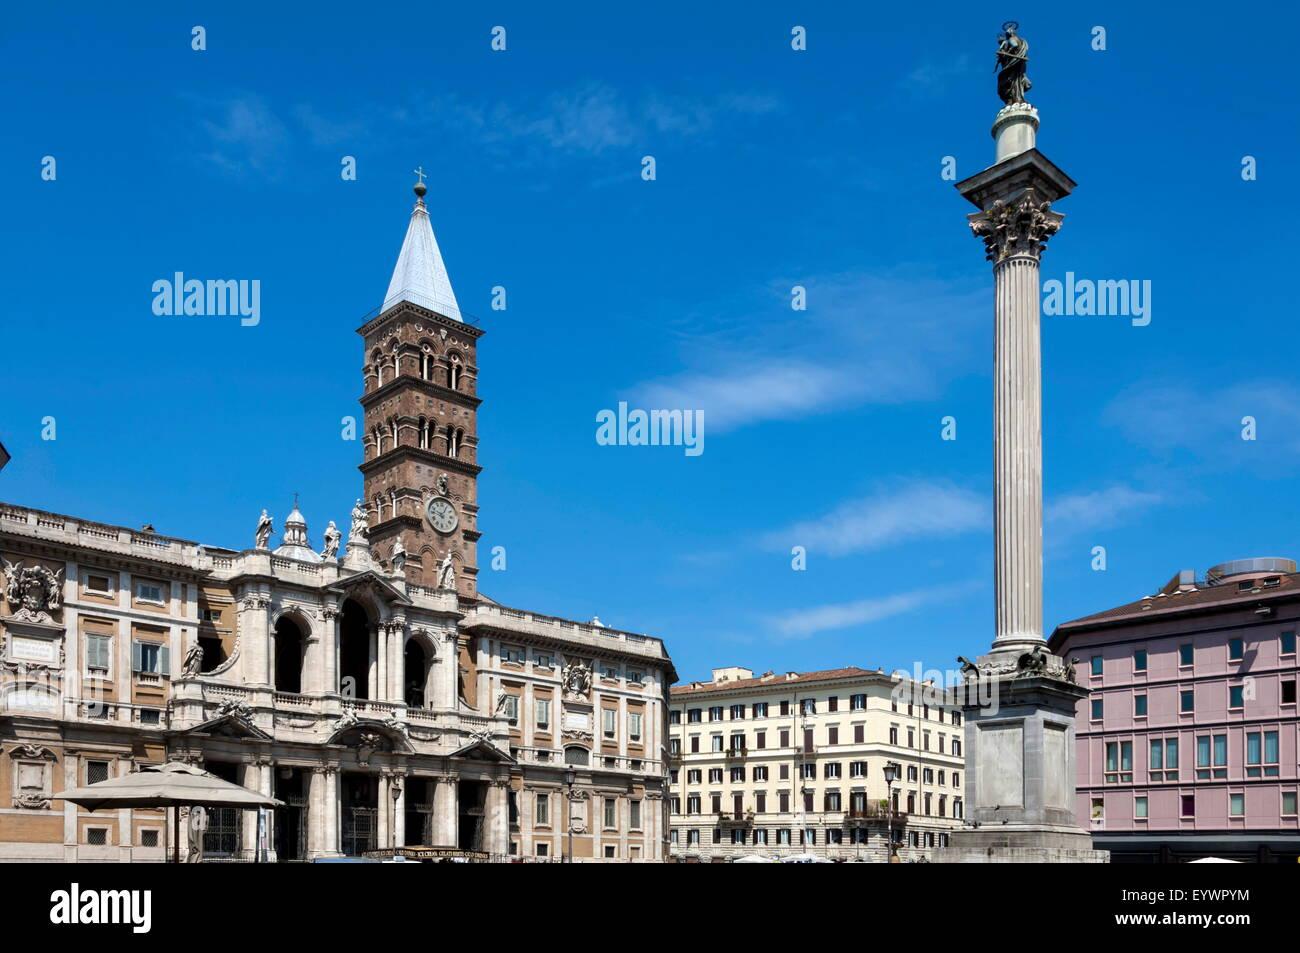 Marian Column and Basilica Santa Maria Maggiore, Rome, Lazio, Italy, Europe - Stock Image